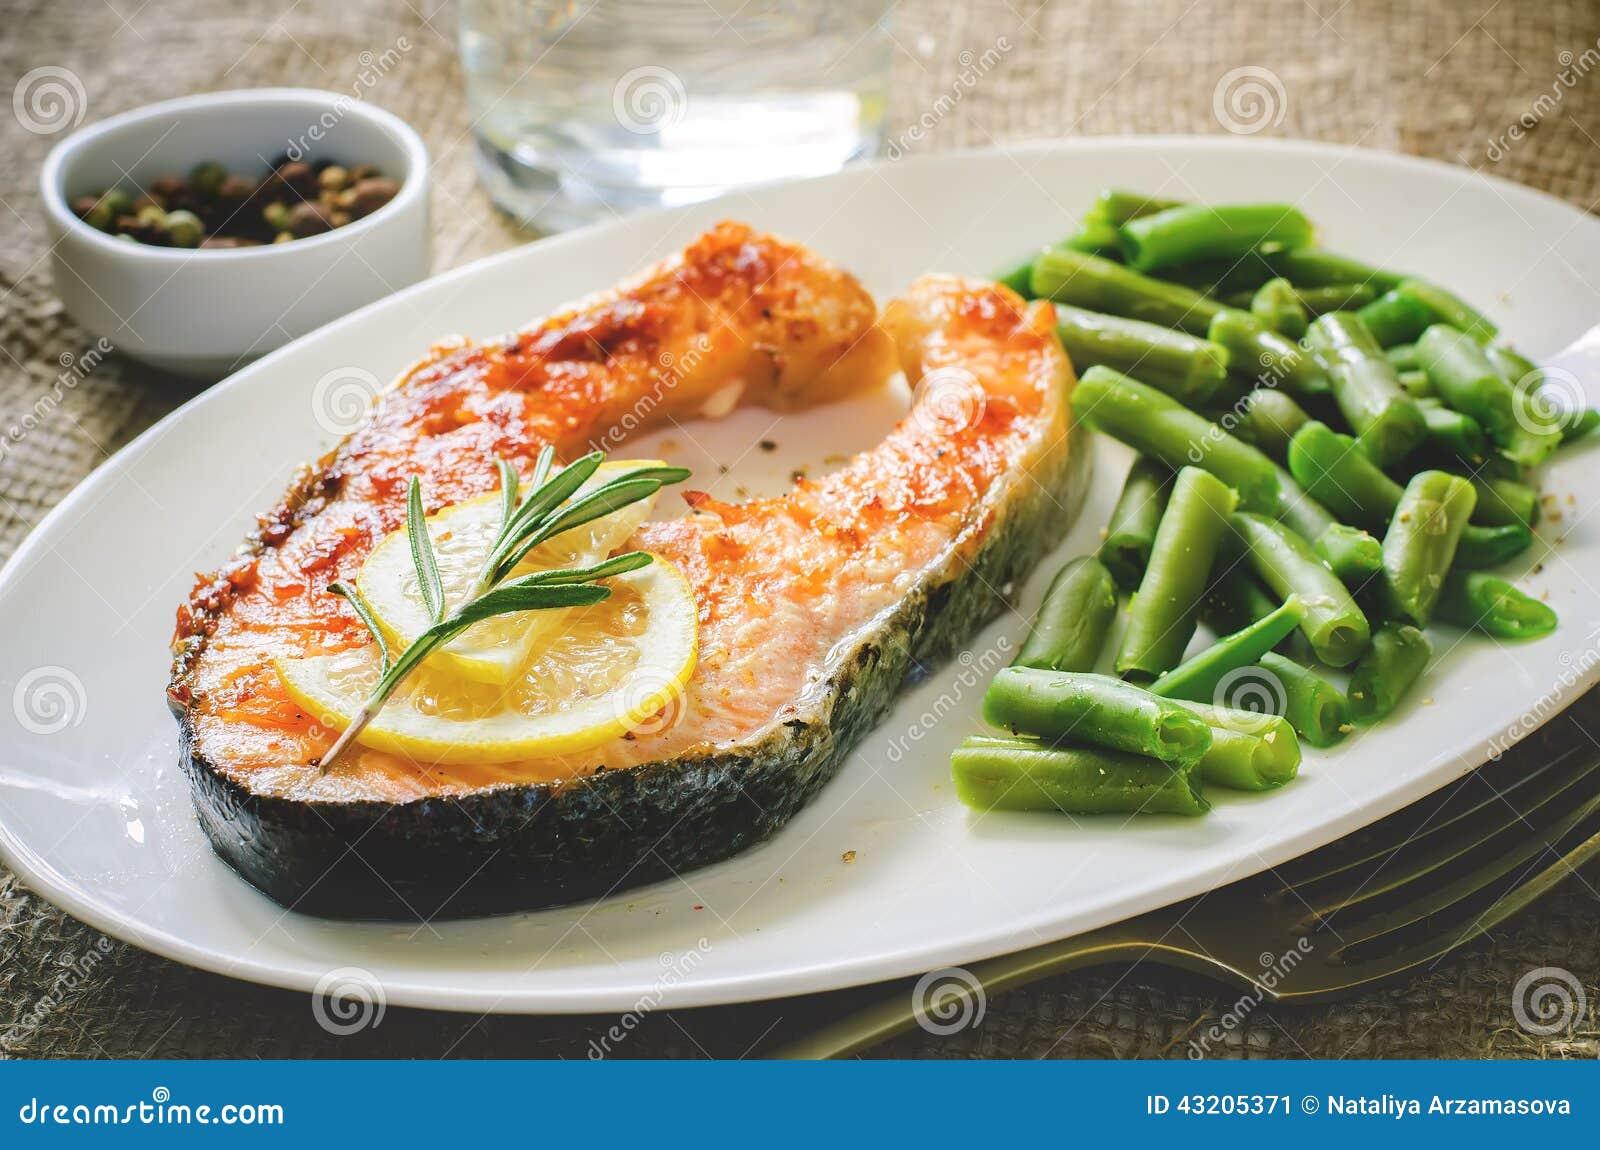 Download Frasig Grillad Laxbiff Med Haricot Vert Fotografering för Bildbyråer - Bild av lunch, skaldjur: 43205371